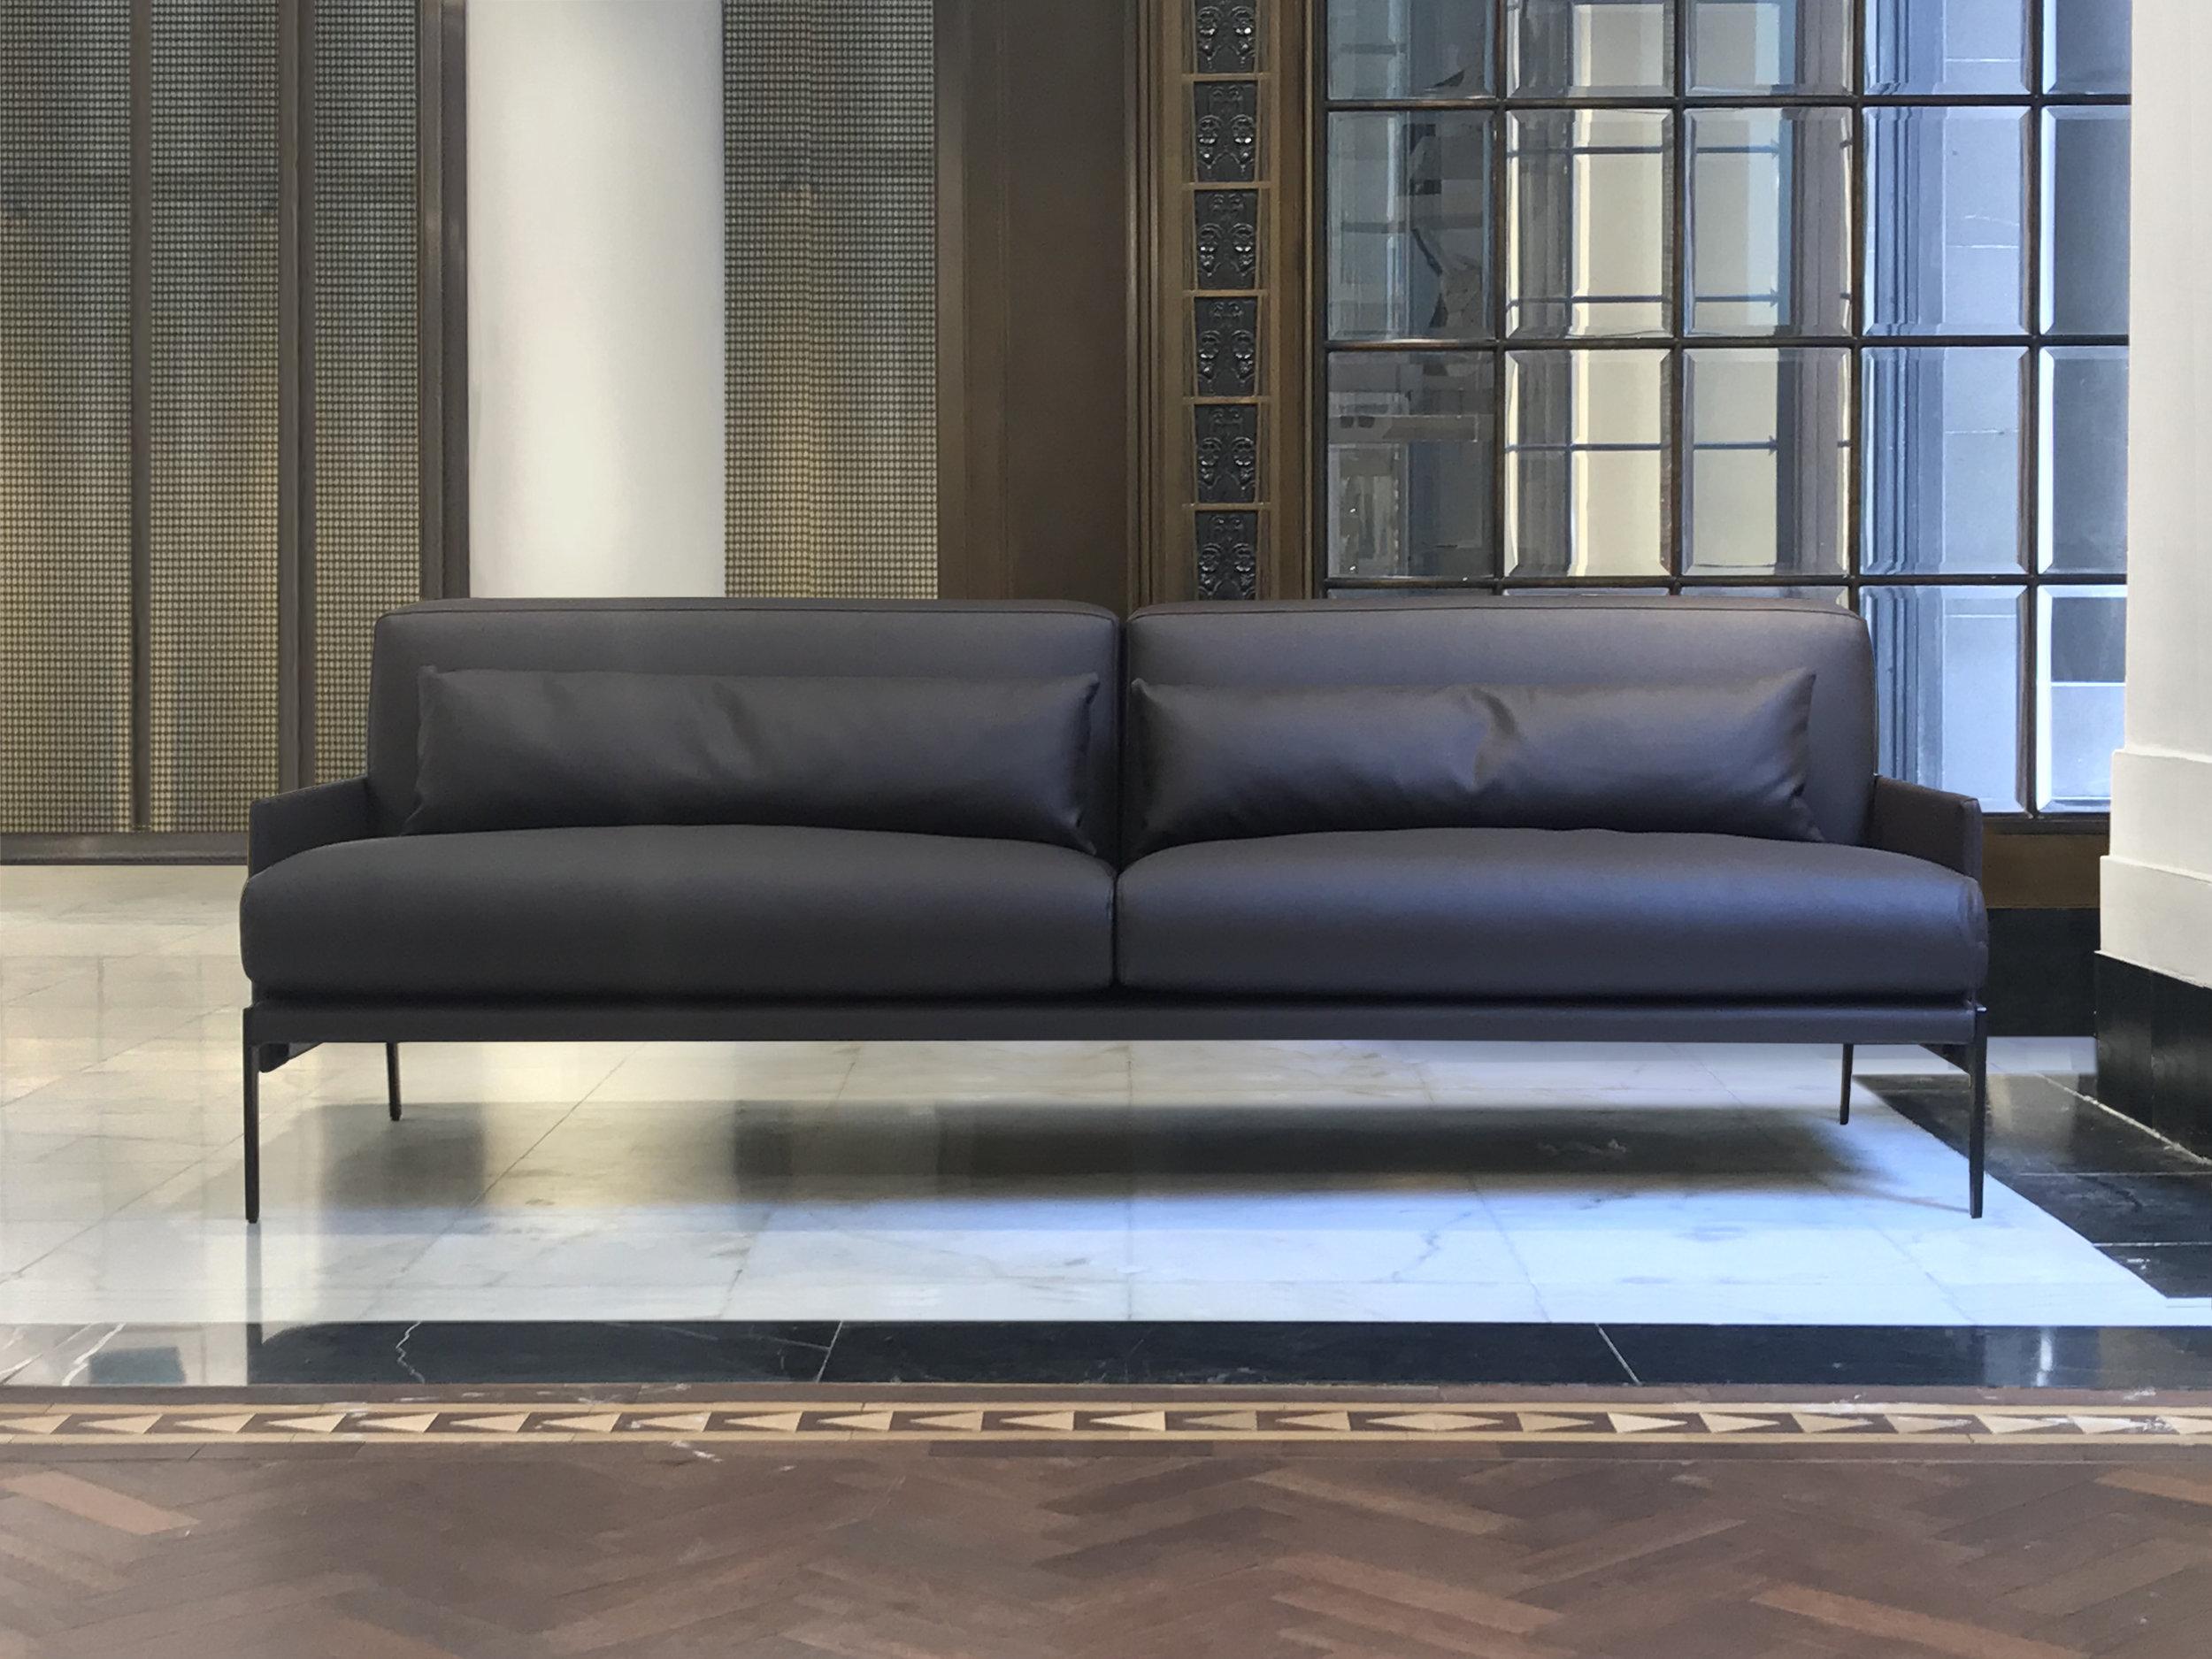 Chianti sofa &chair